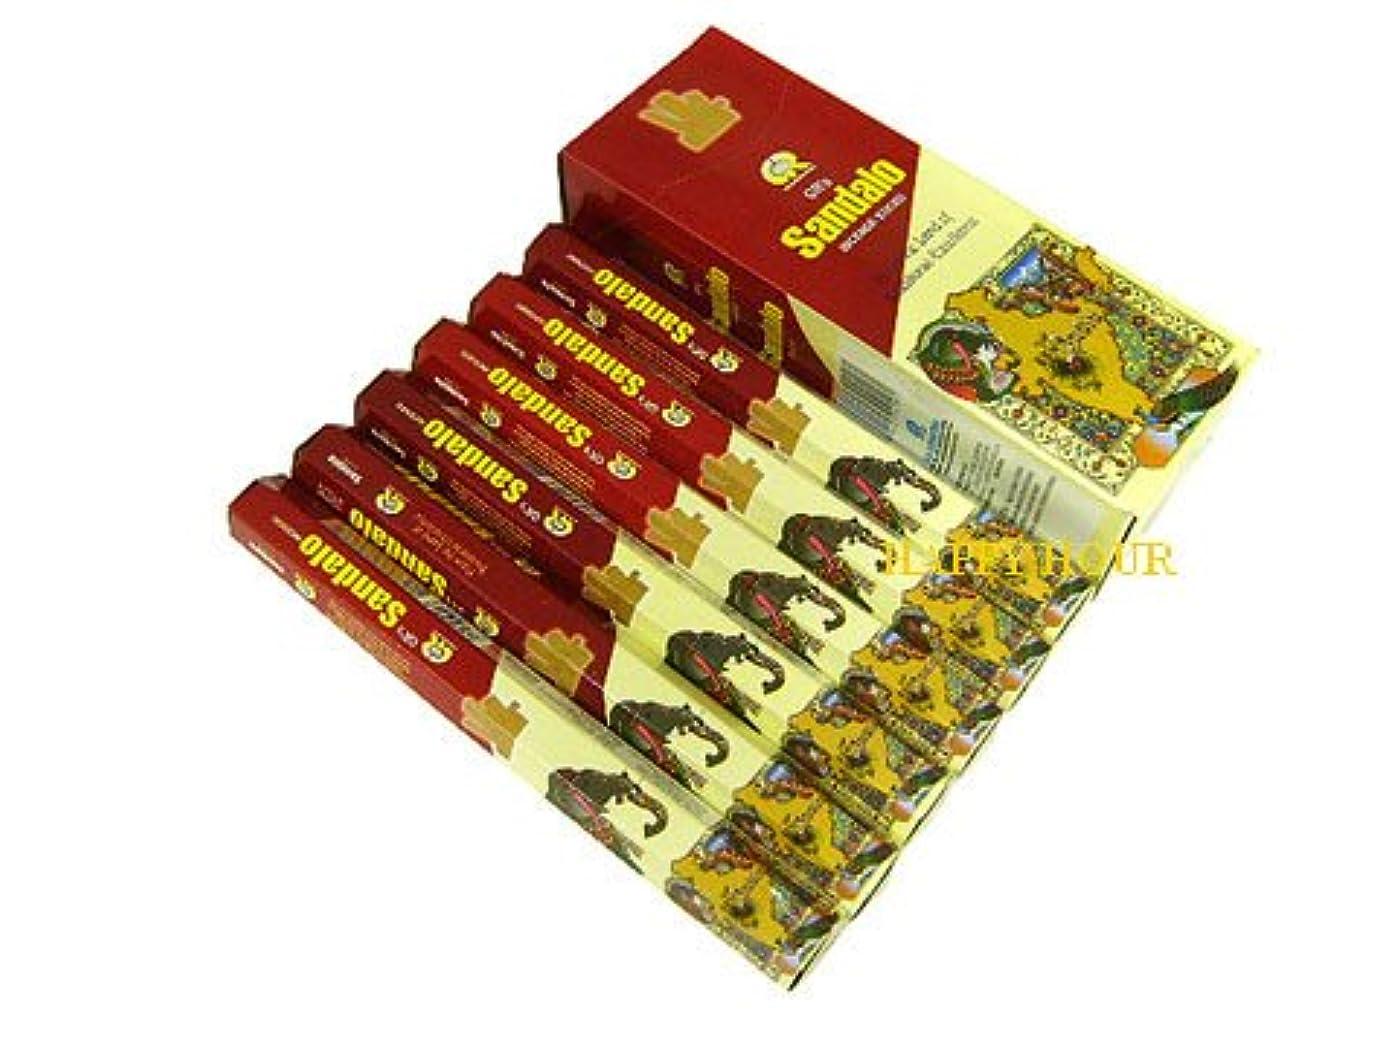 検証アソシエイト冗談でG.R.INTERNATIONAL(ジーアールインターナショナル) サンダル香 スティック SANDALO 6箱セット